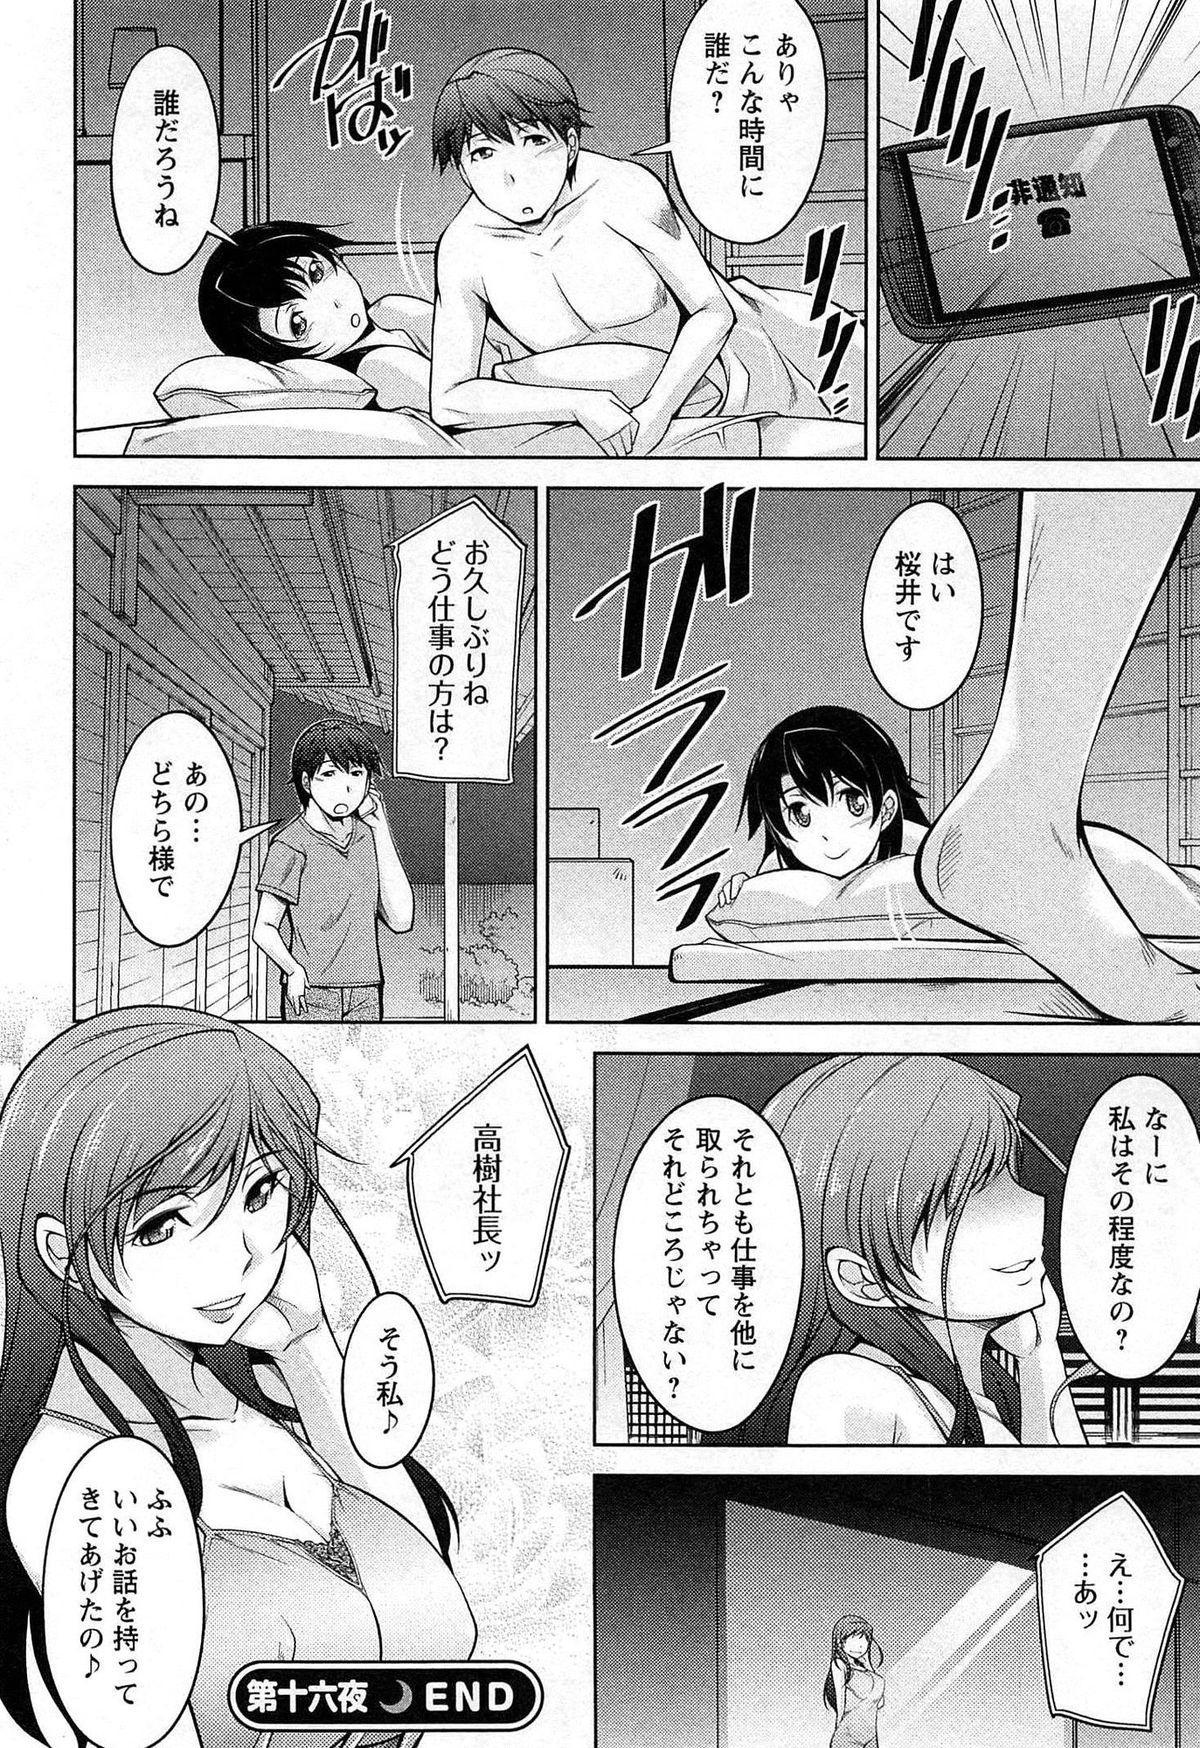 [zen9] Tsuki-wo Ai-Shite - Tsuki-ni Koi-shite 2 134